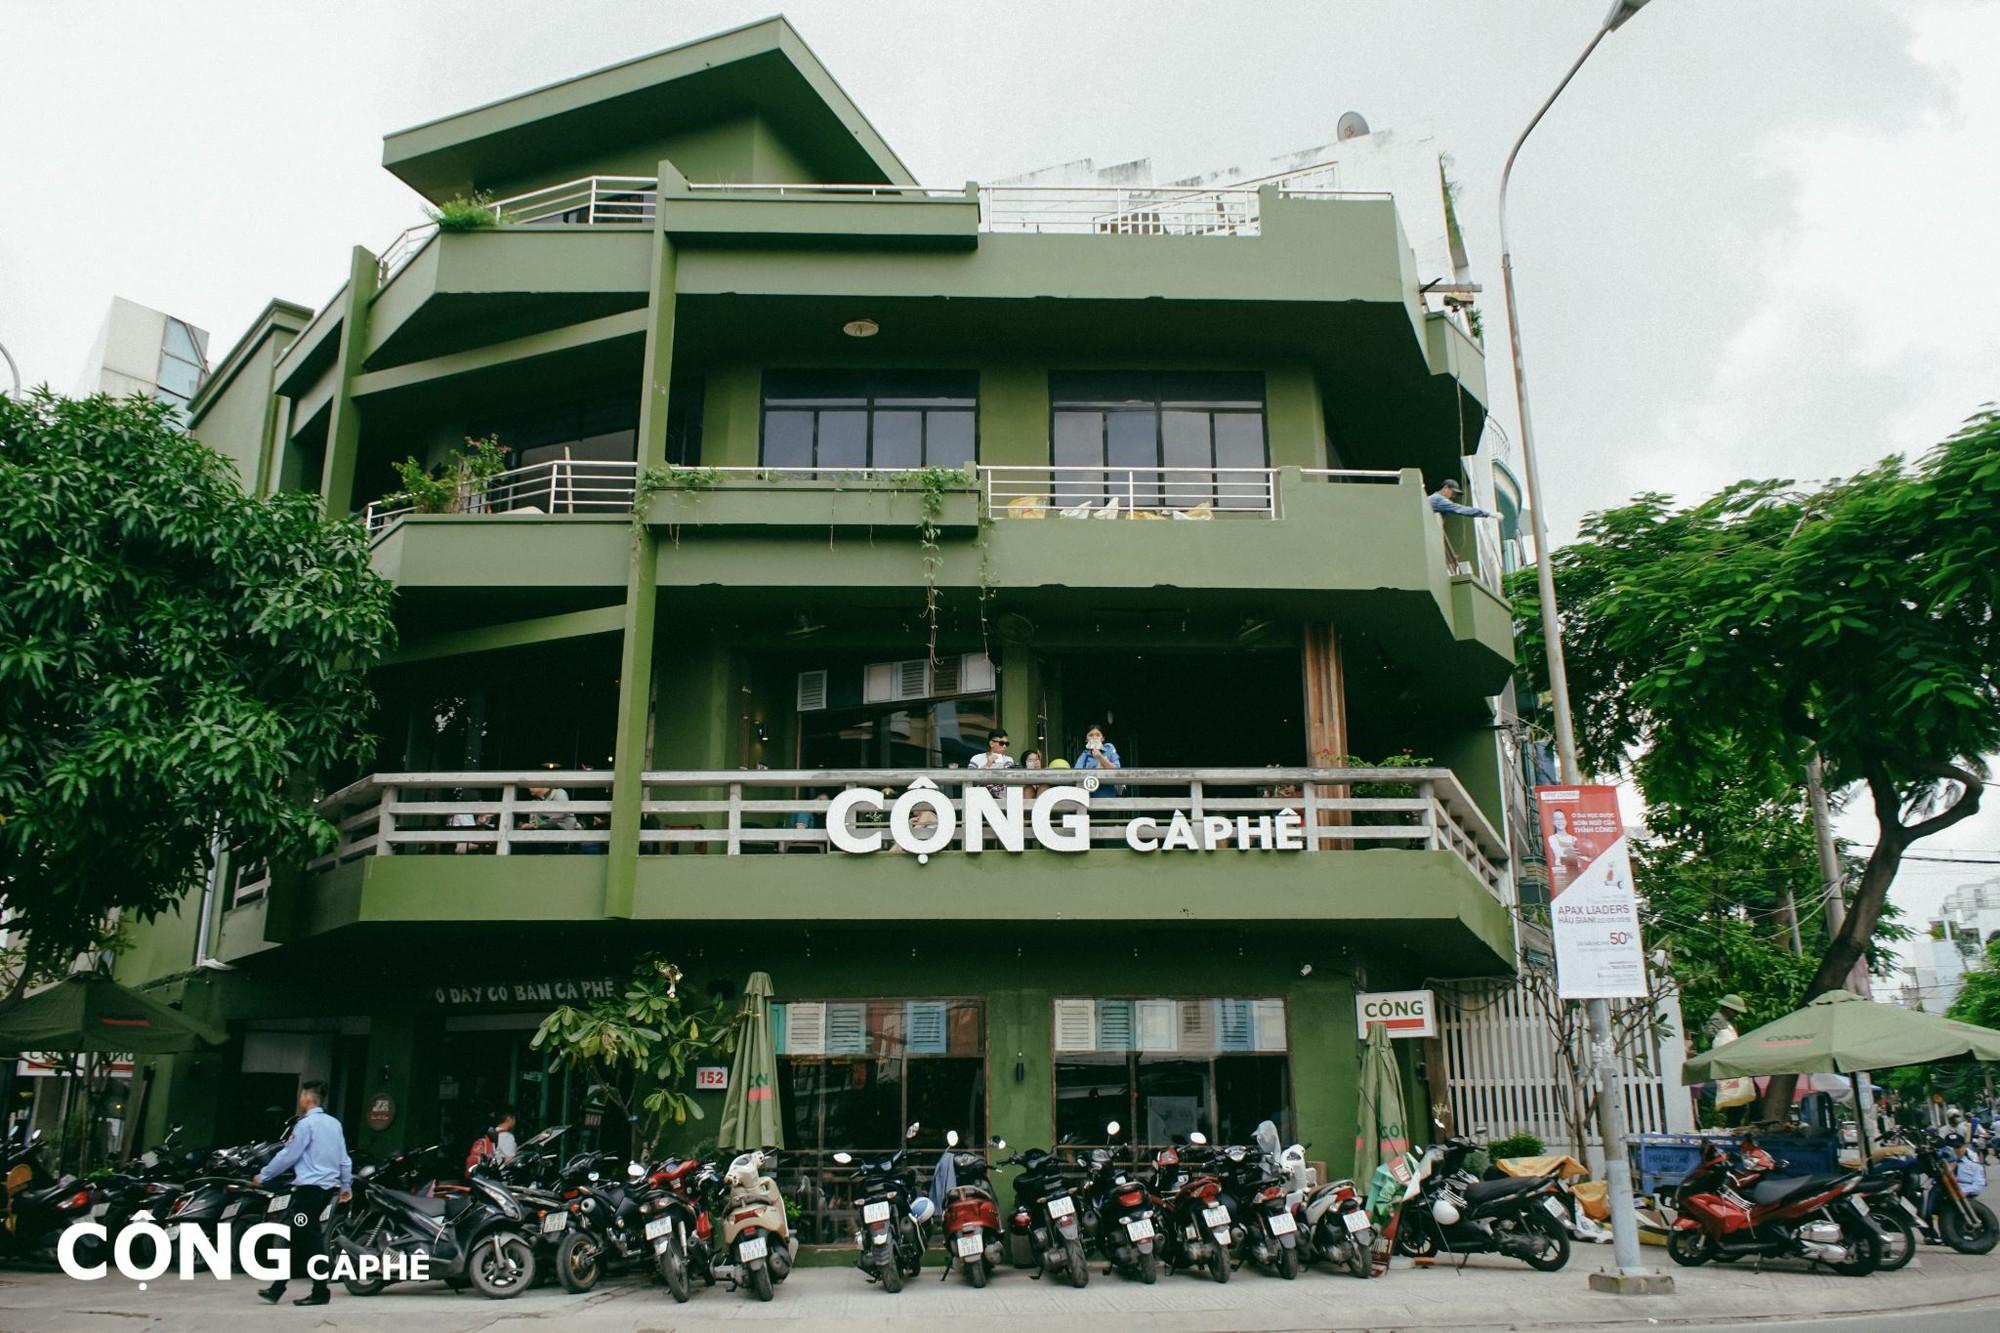 Tranh cãi về việc xuất hiện một quán cafe mới có phong cách y hệt Cộng Cà Phê từ concept đến decor - Ảnh 2.